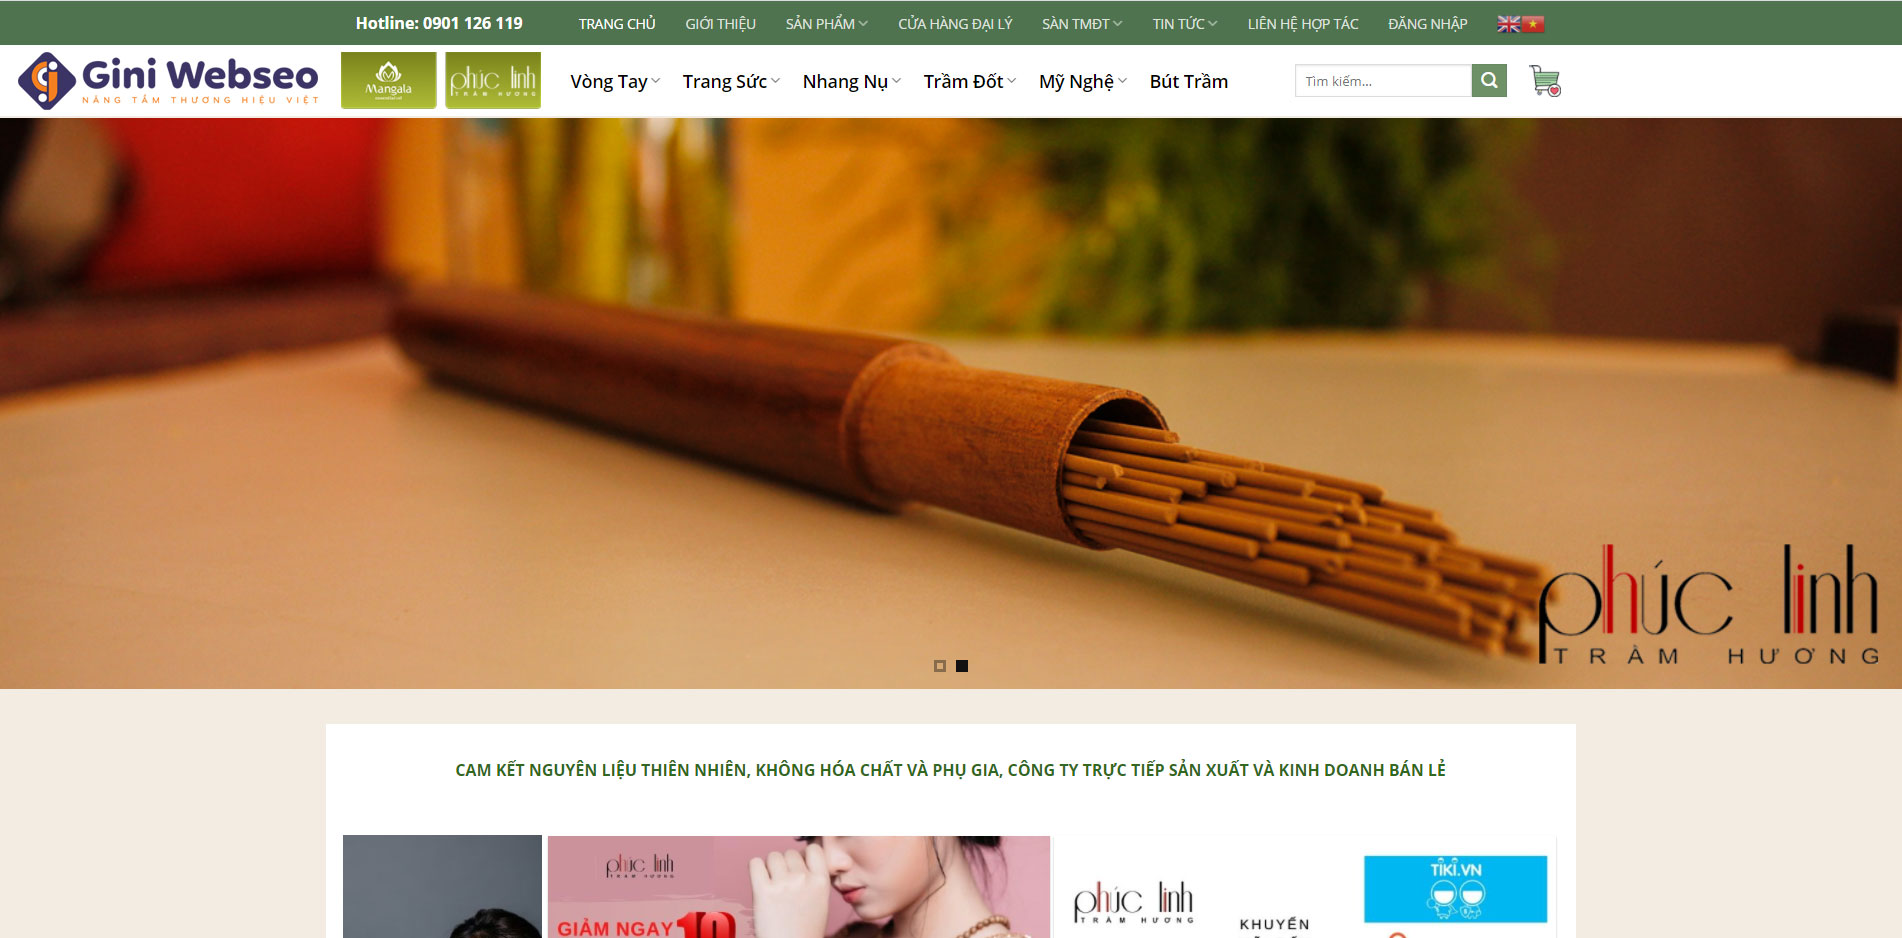 Giao diện trang chủ thiết kế website trầm hương